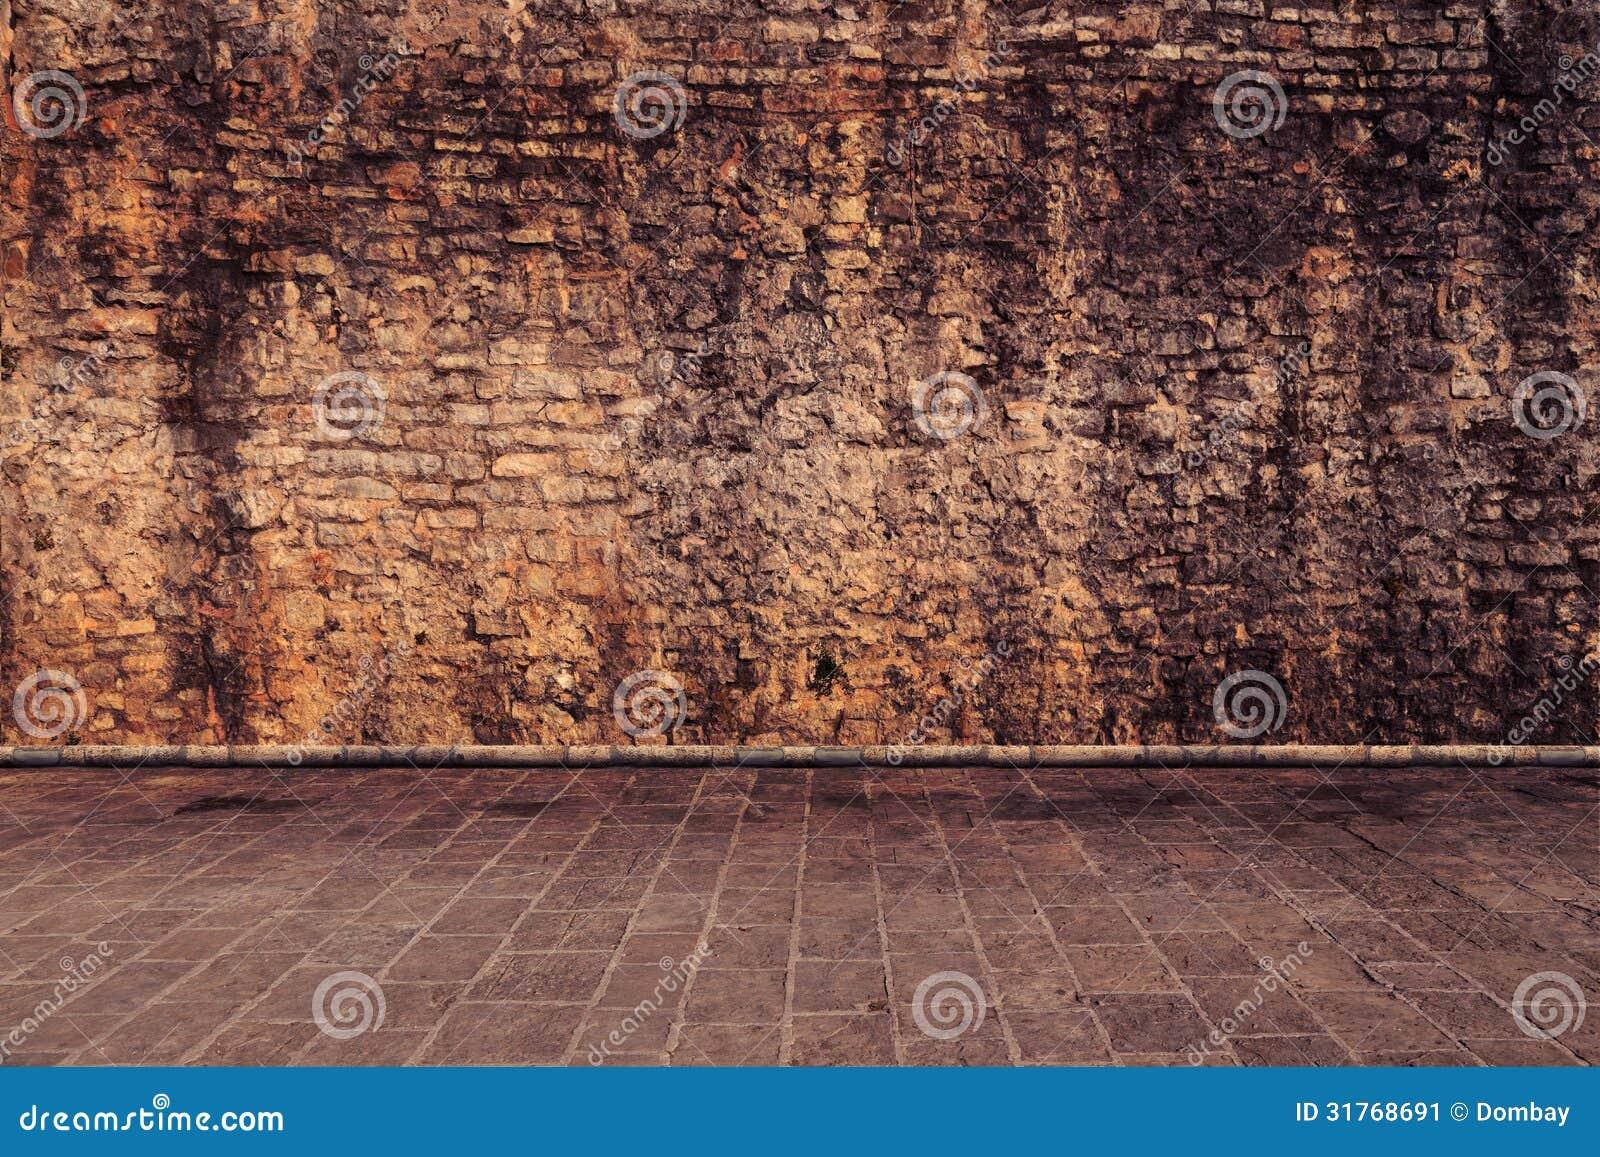 Fußboden Farbe ~ Wand in der braunen farbe stockbild bild von haus fußboden